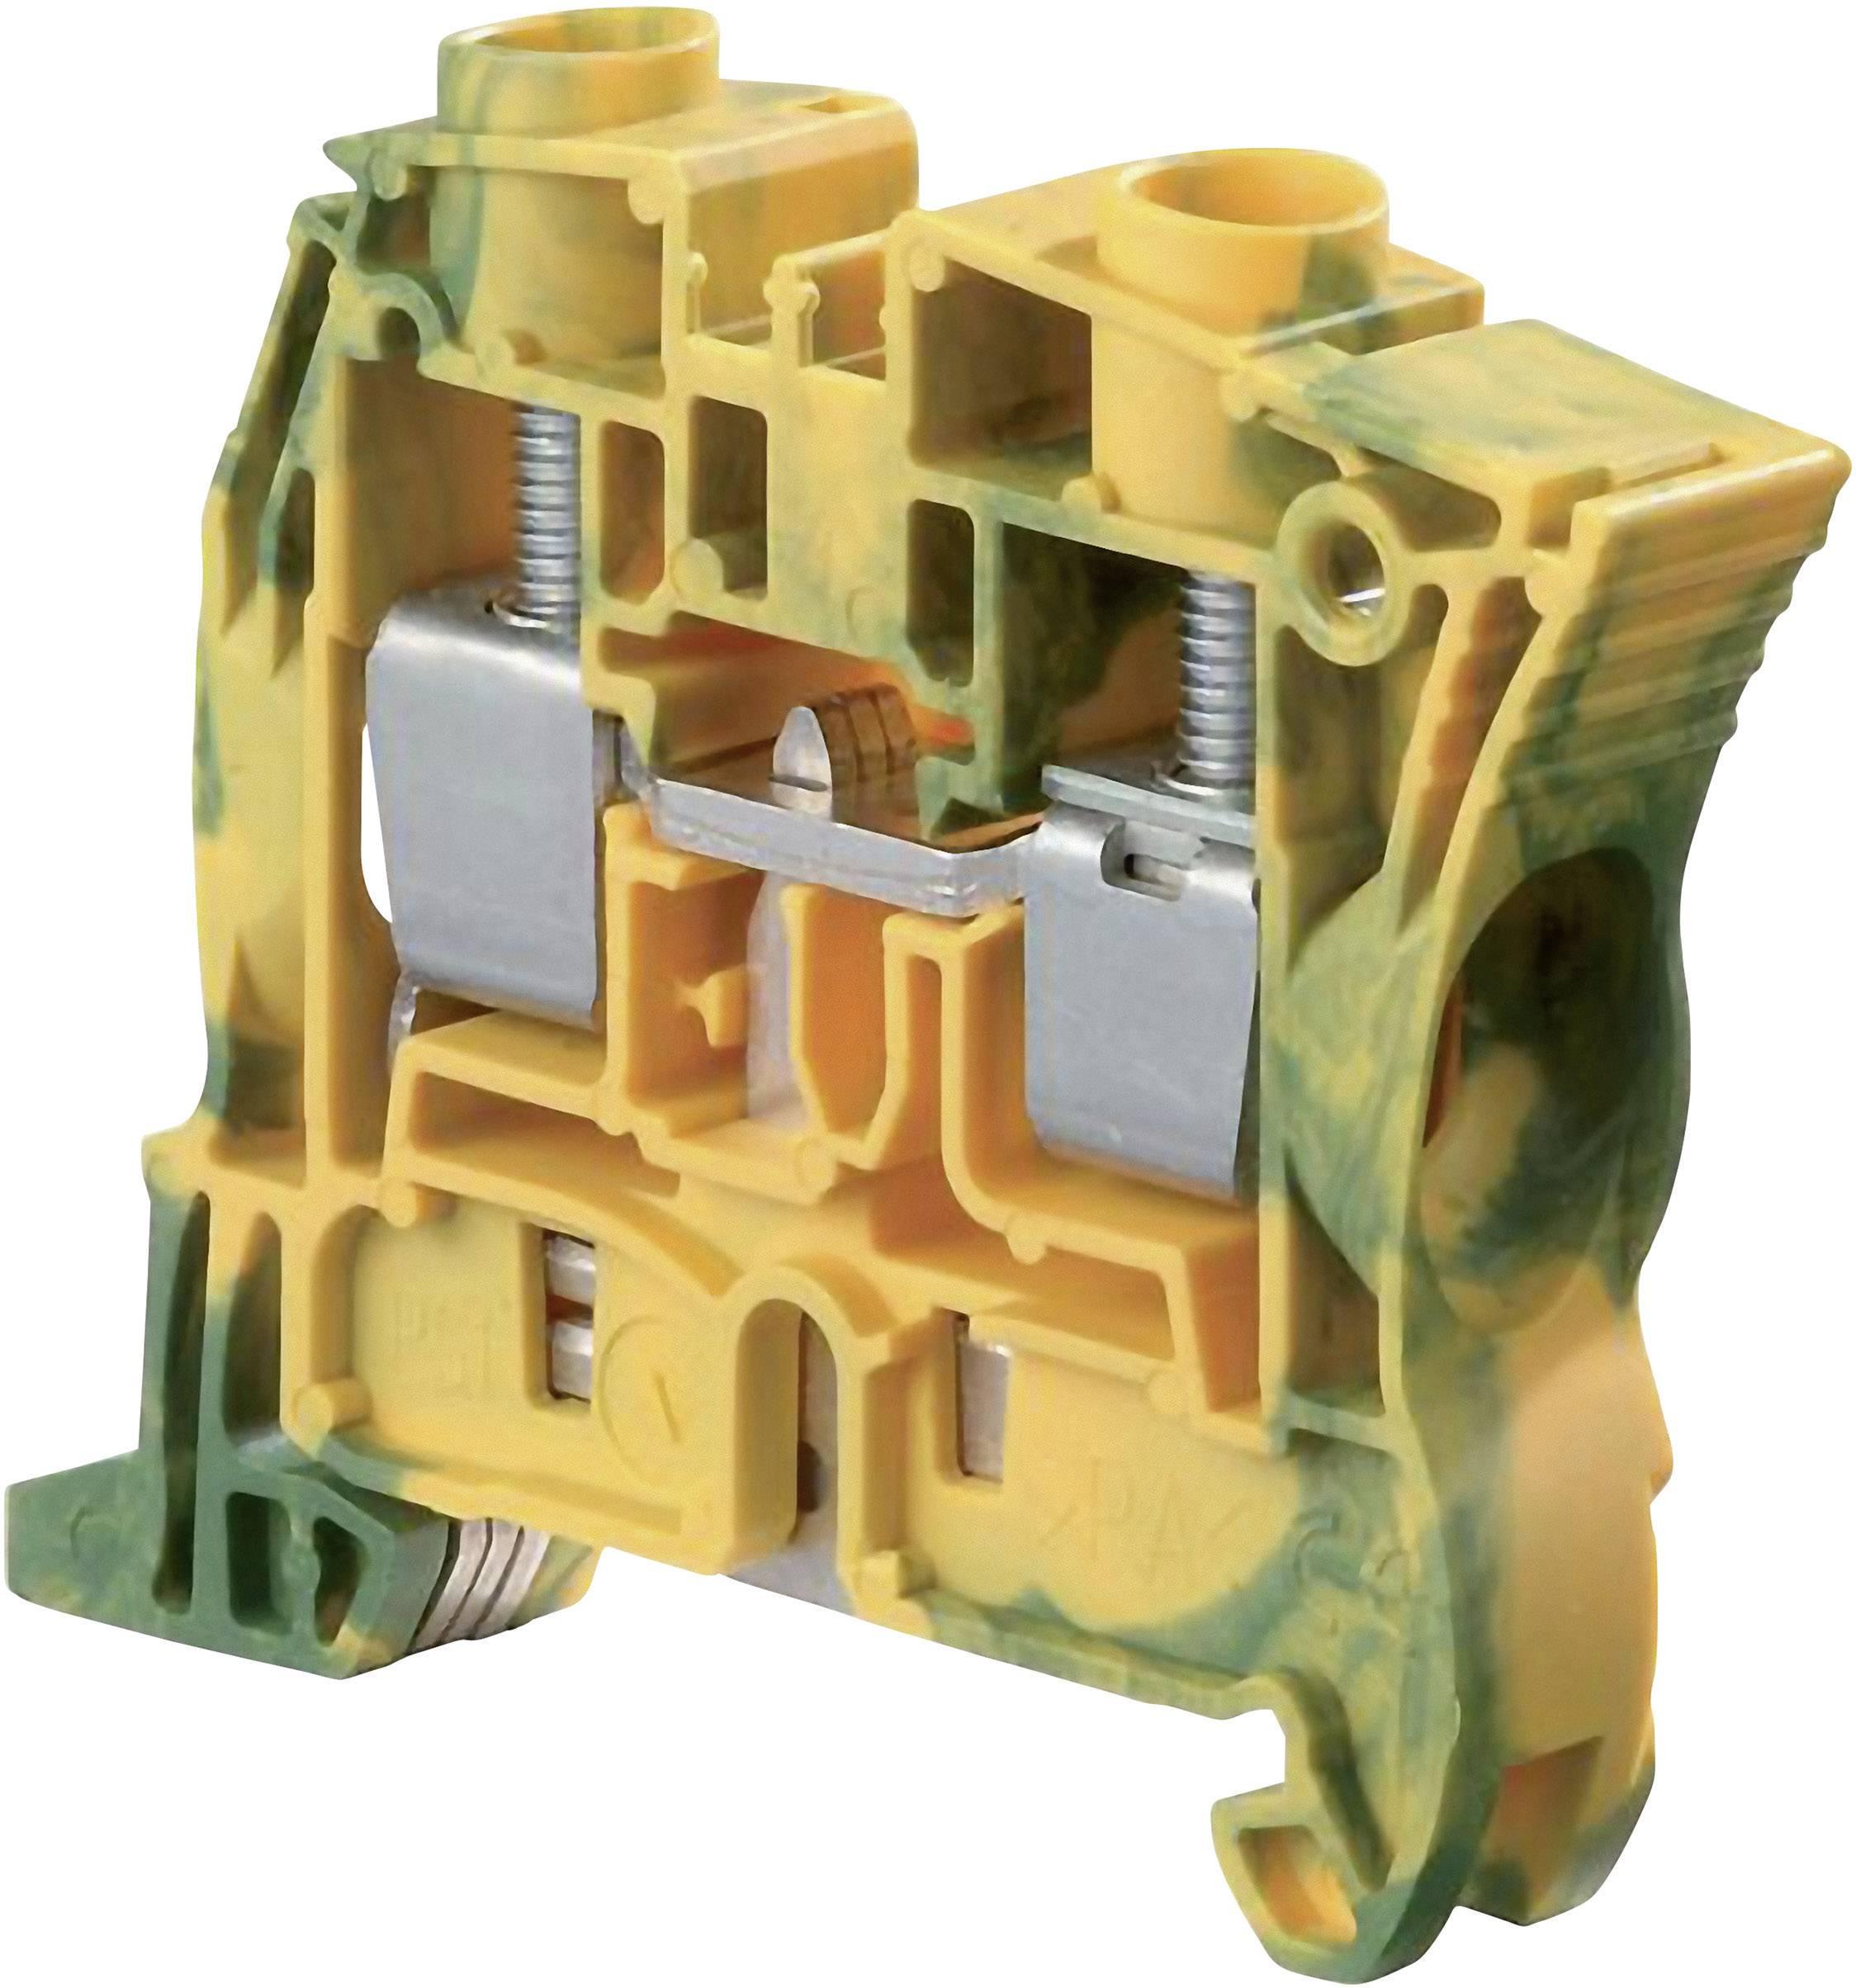 Svorka ochranného vodiče ABB 1SNK 510 150 R0000, 10 mm, šroubovací, osazení Terre, zelenožlutá, 1 ks